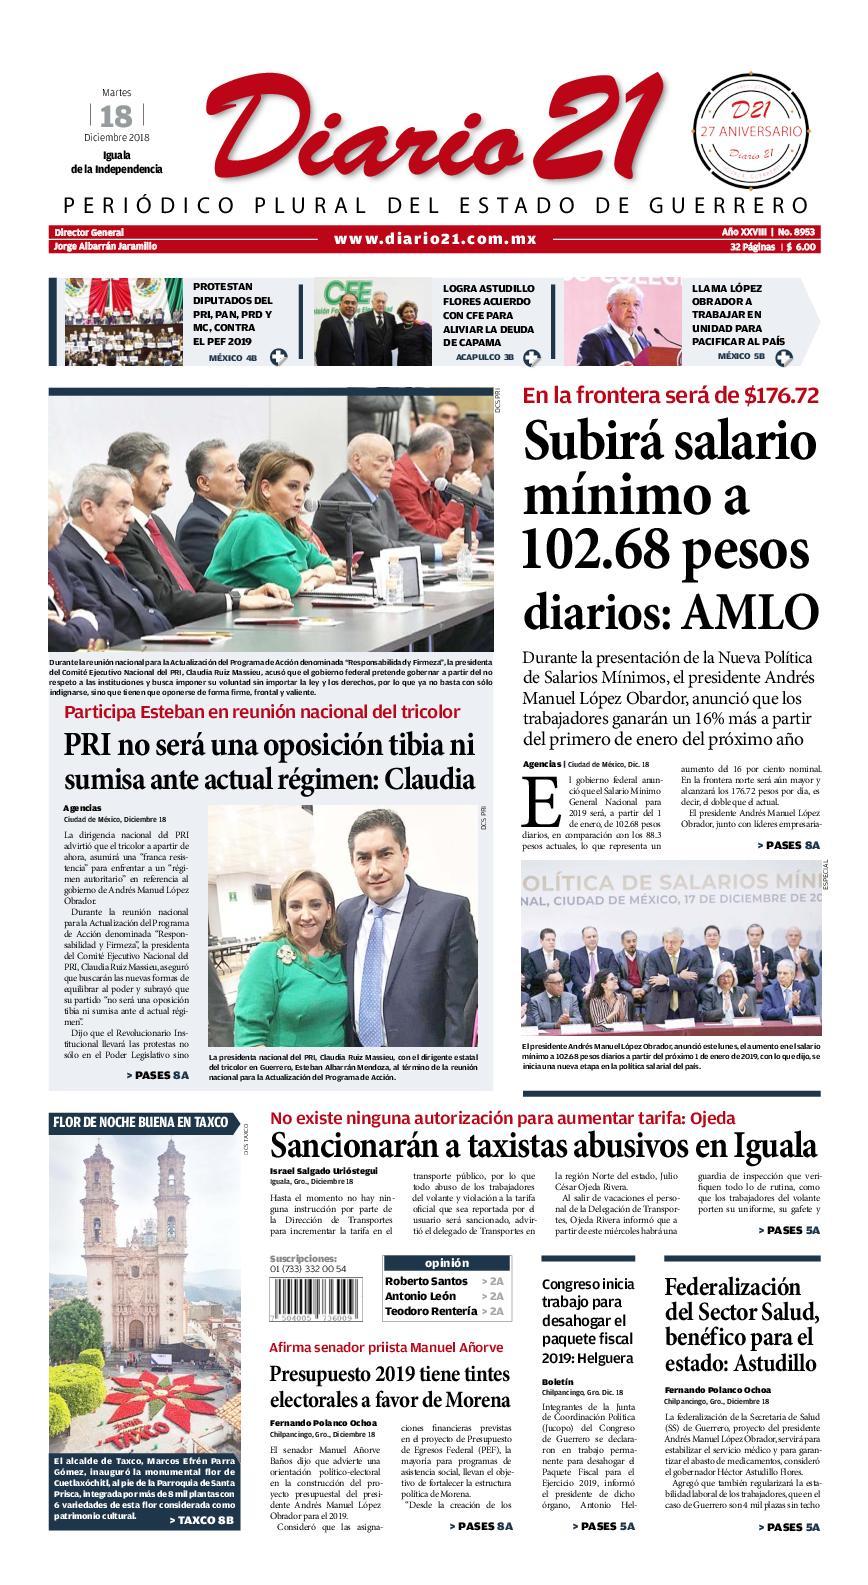 7d para bajar de peso ecuador newspapers